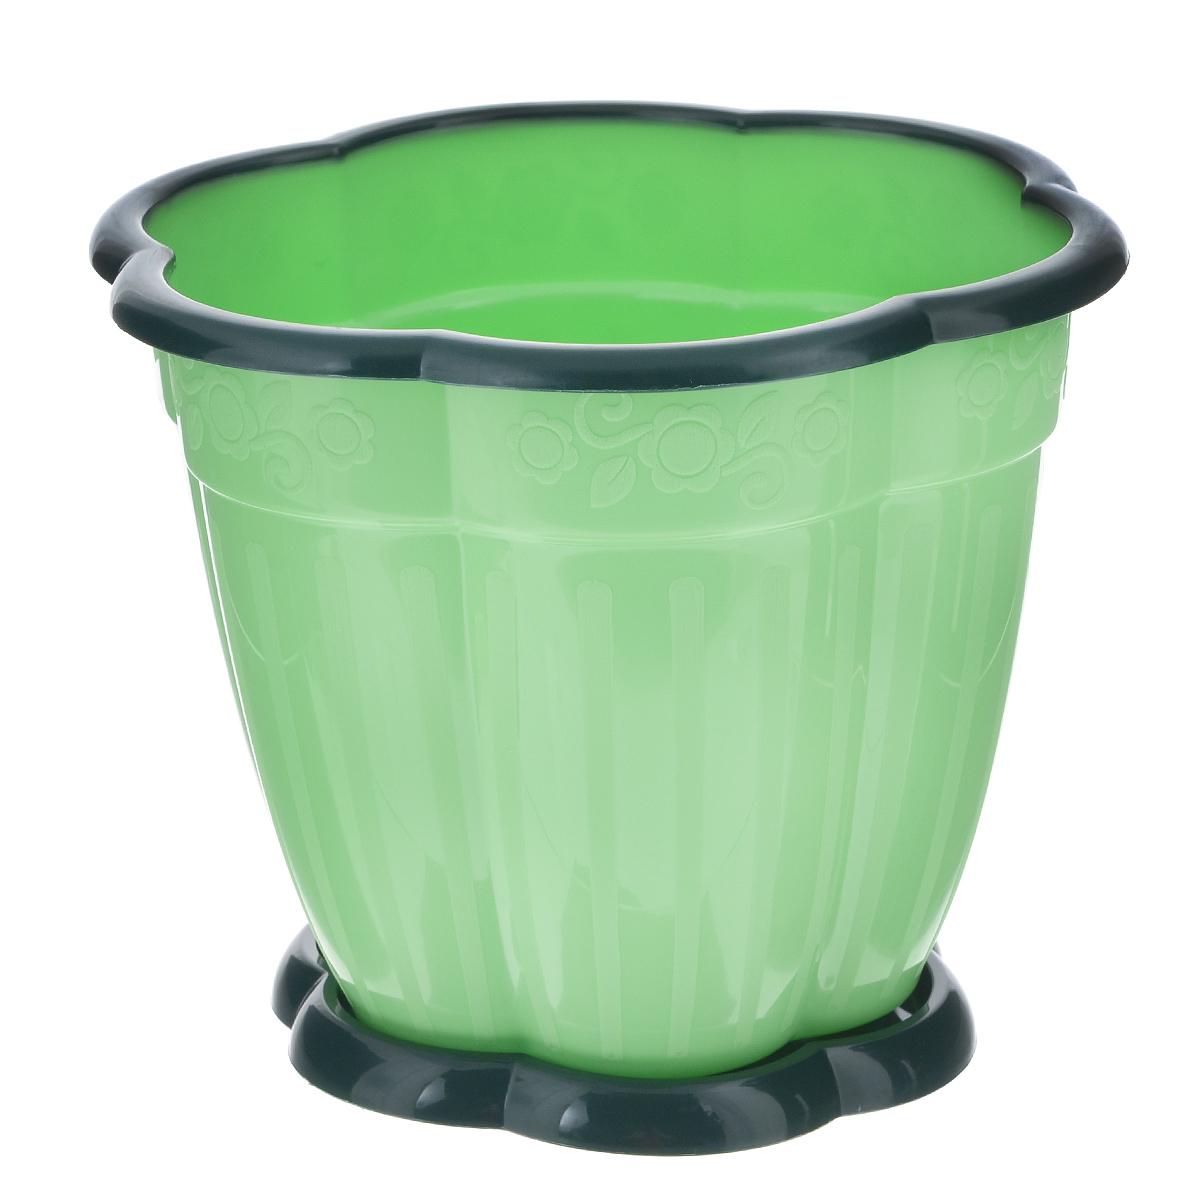 Горшок для цветов Альтернатива Восторг, цвет: зеленый, черный, 1,5 лZ-0307Горшок для цветов Альтернатива Восторг изготовлен из прочного пластика, оформлен цветочным рельефом и черным кантом по краю. Горшок оснащен поддоном. Диаметр горшка (по верхнему краю): 16 см. Высота горшка: 13 см.